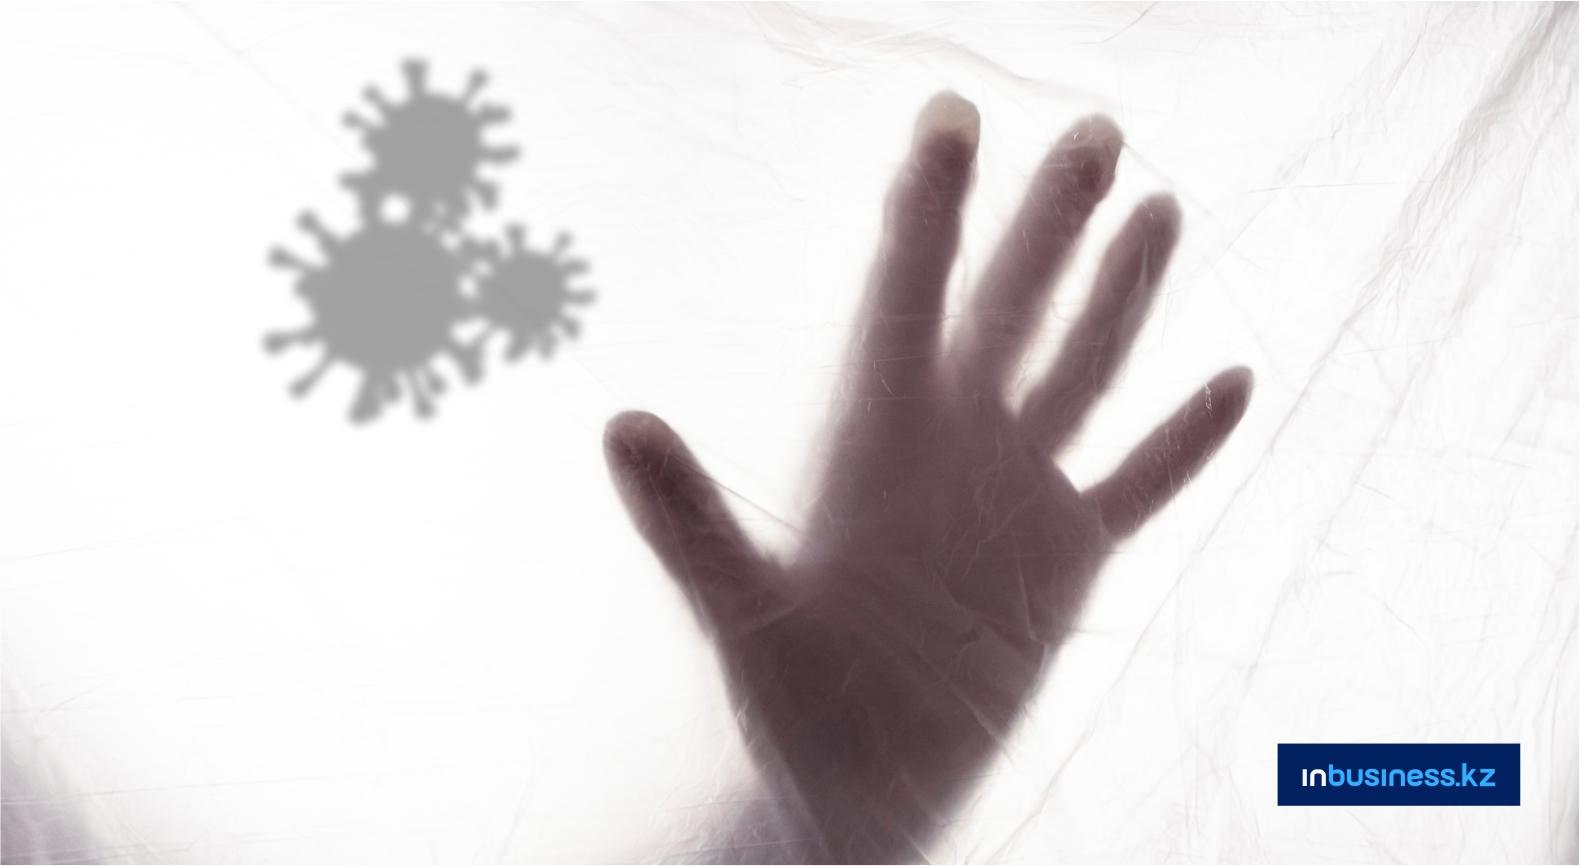 89 казахстанцев находятся в тяжелом состоянии из-за коронавируса